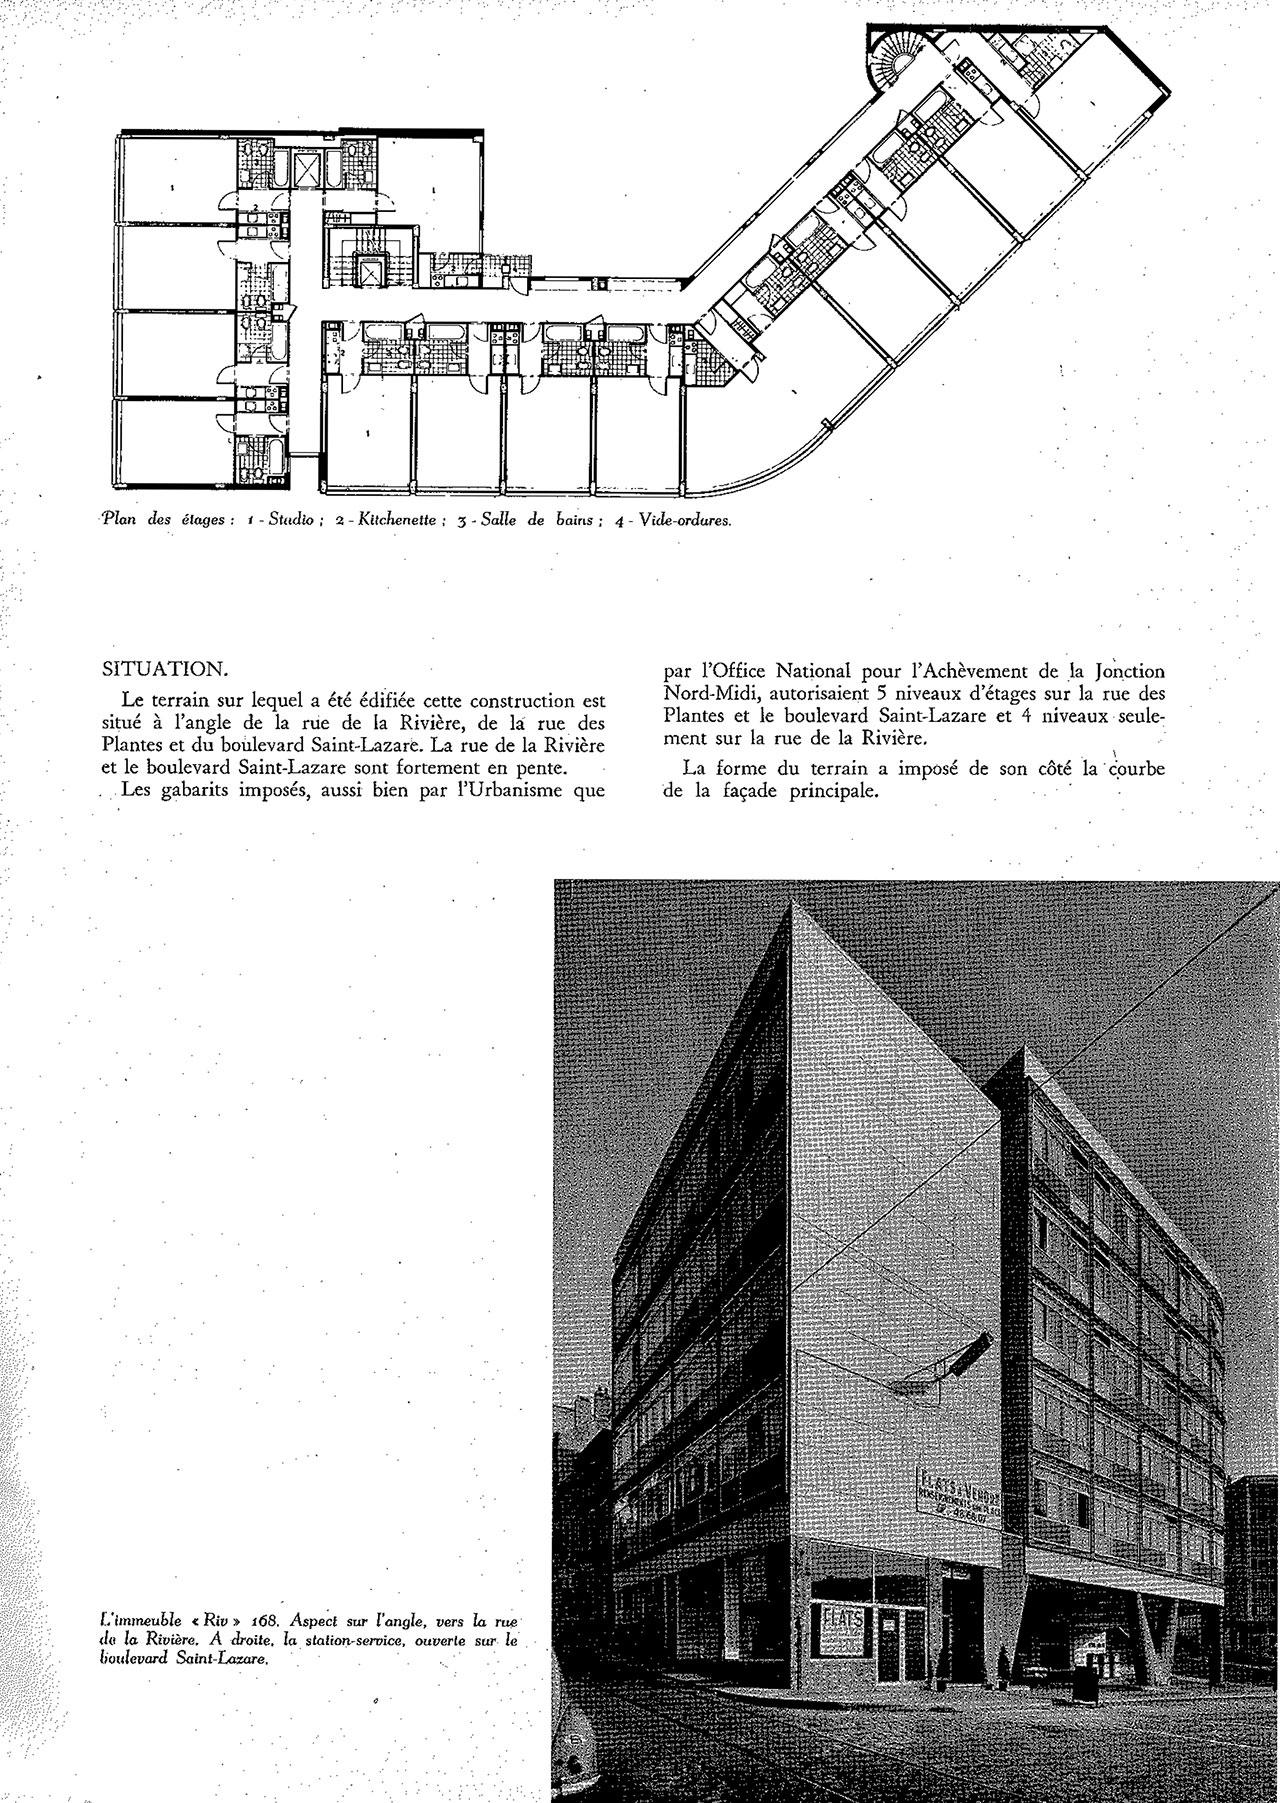 Immeuble Riv 168, à Bruxelles